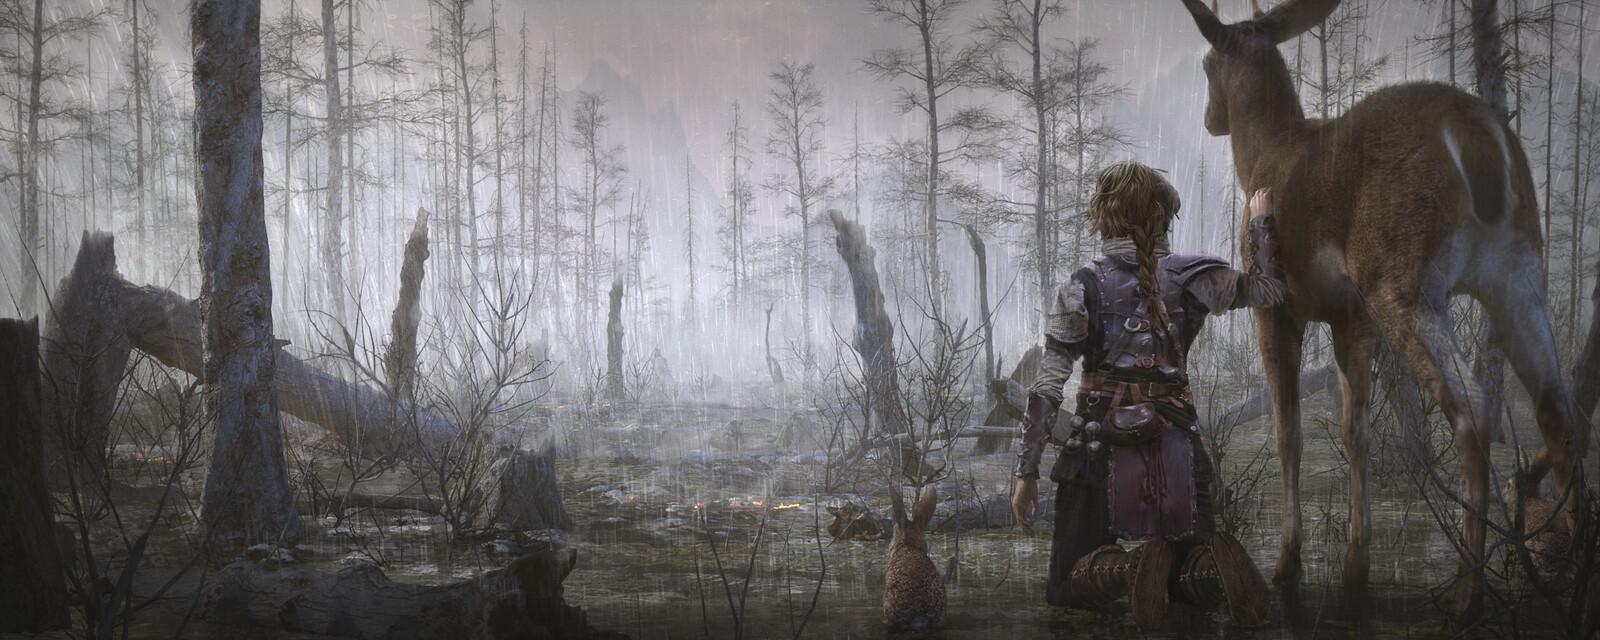 Forest - Sad Key Frame